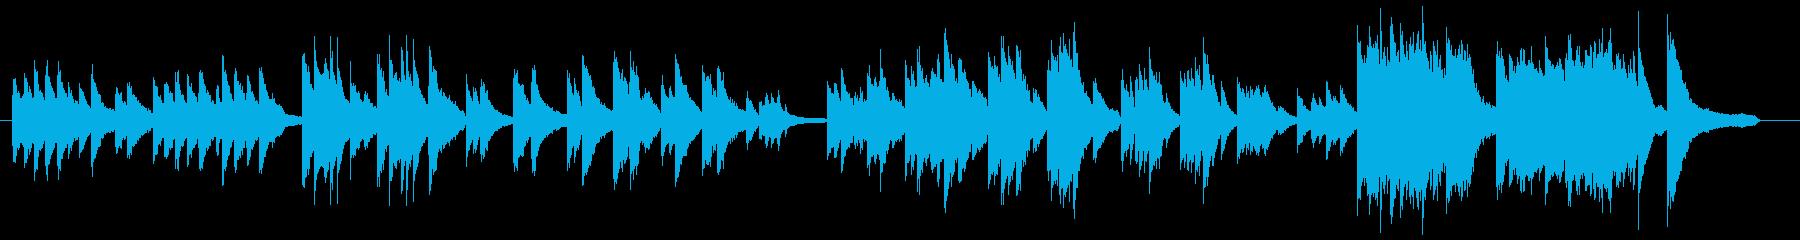 おしゃれなピアノソロのクラシックの再生済みの波形